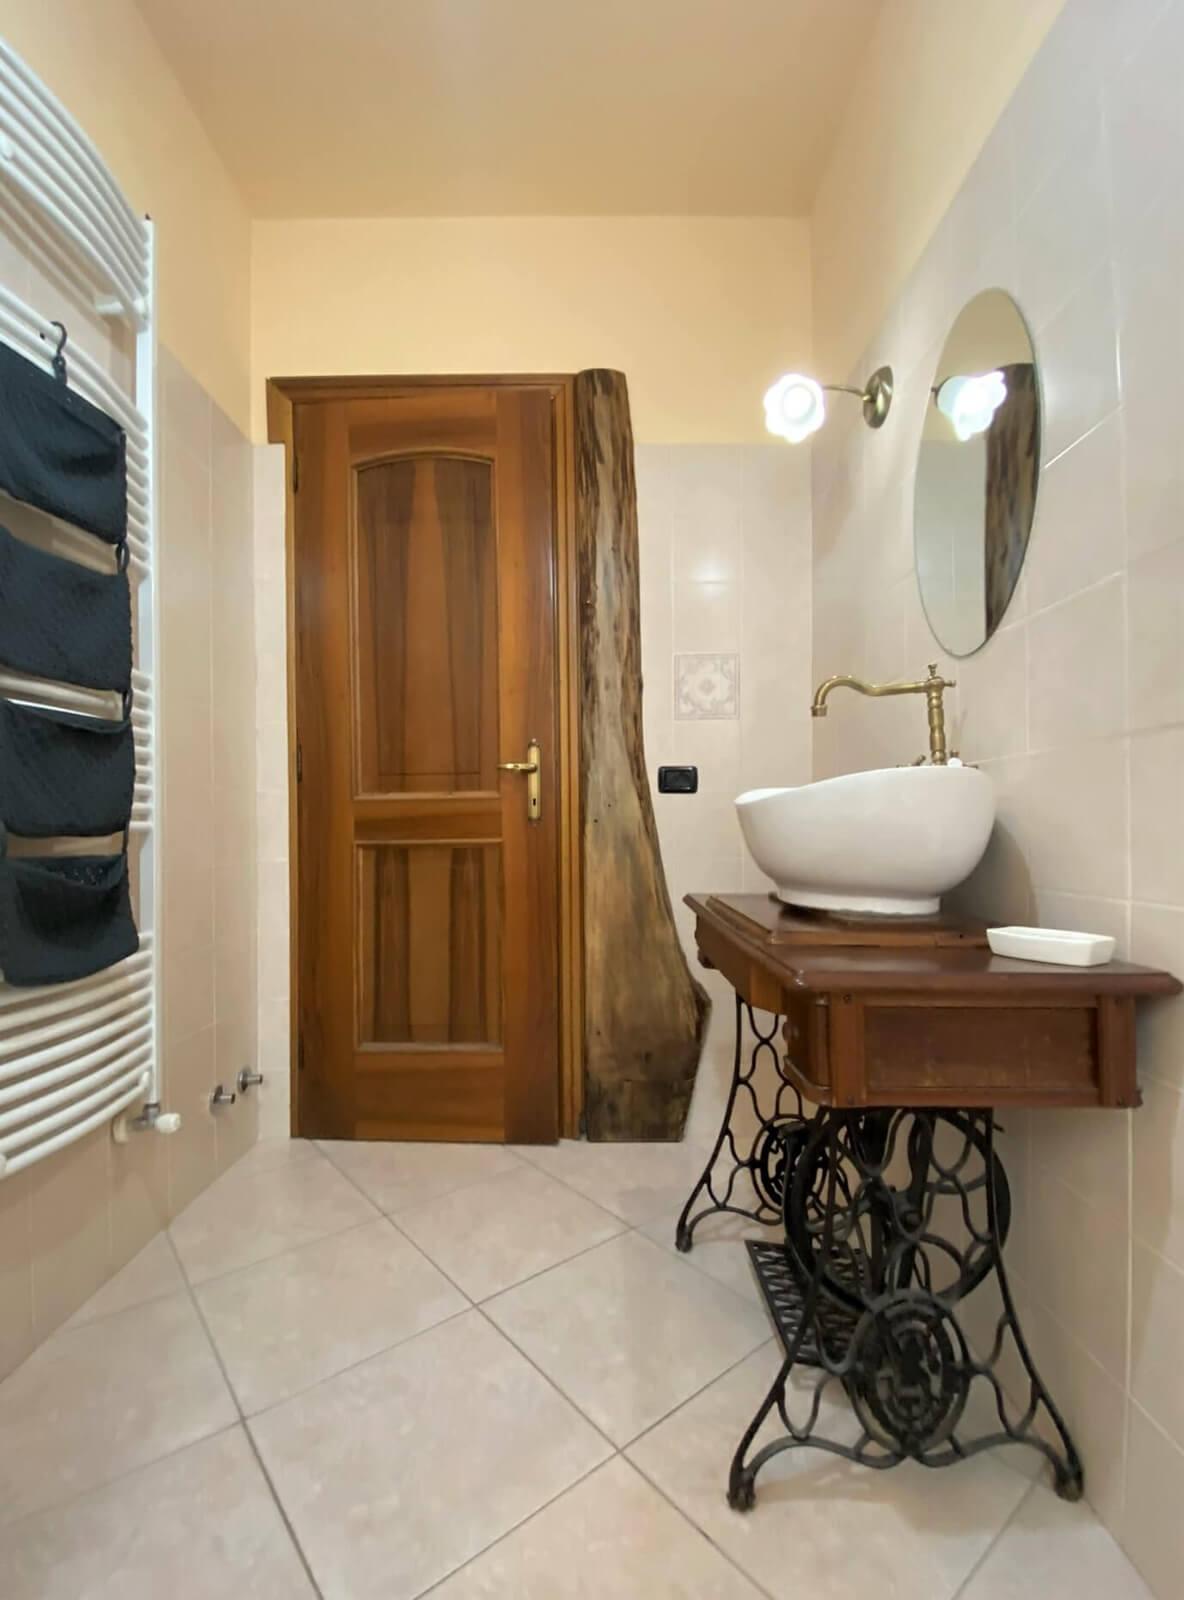 il-sentiero-casa-vacanze-appartamento-affitto-momo-novara-lago-maggiore-10